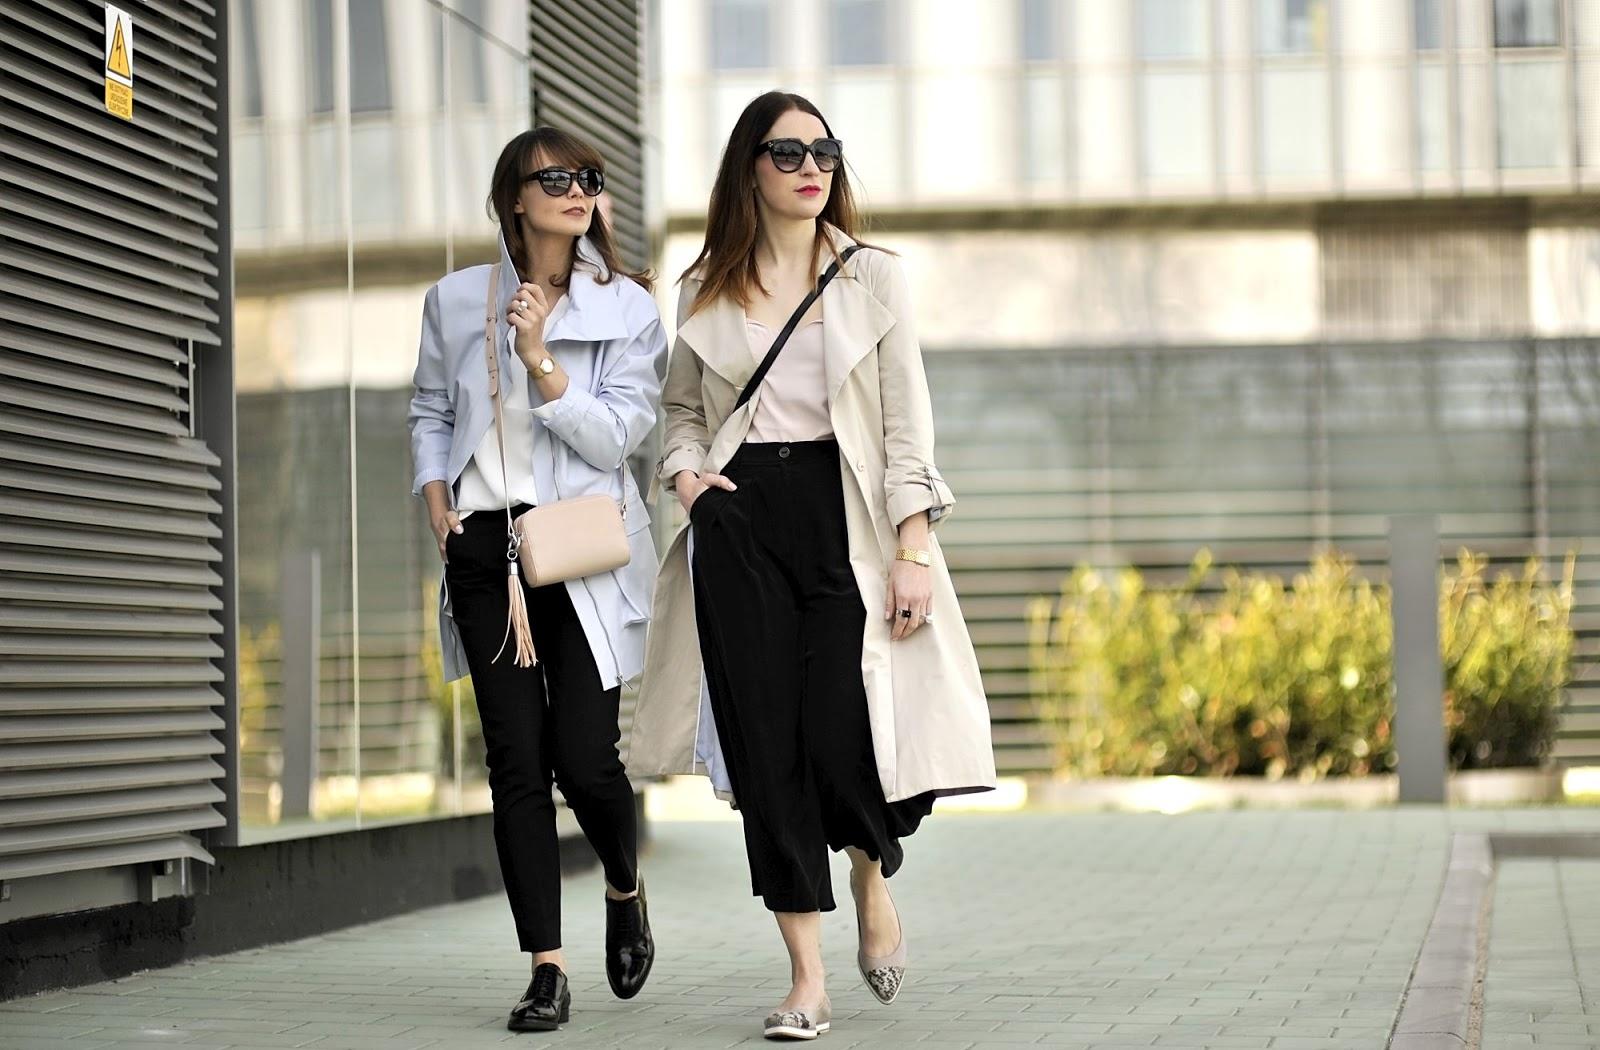 shinysyl | cammy | blogi o modzie | blogerka modowa | oxfordy | baleriny | kurtka na wiosne |